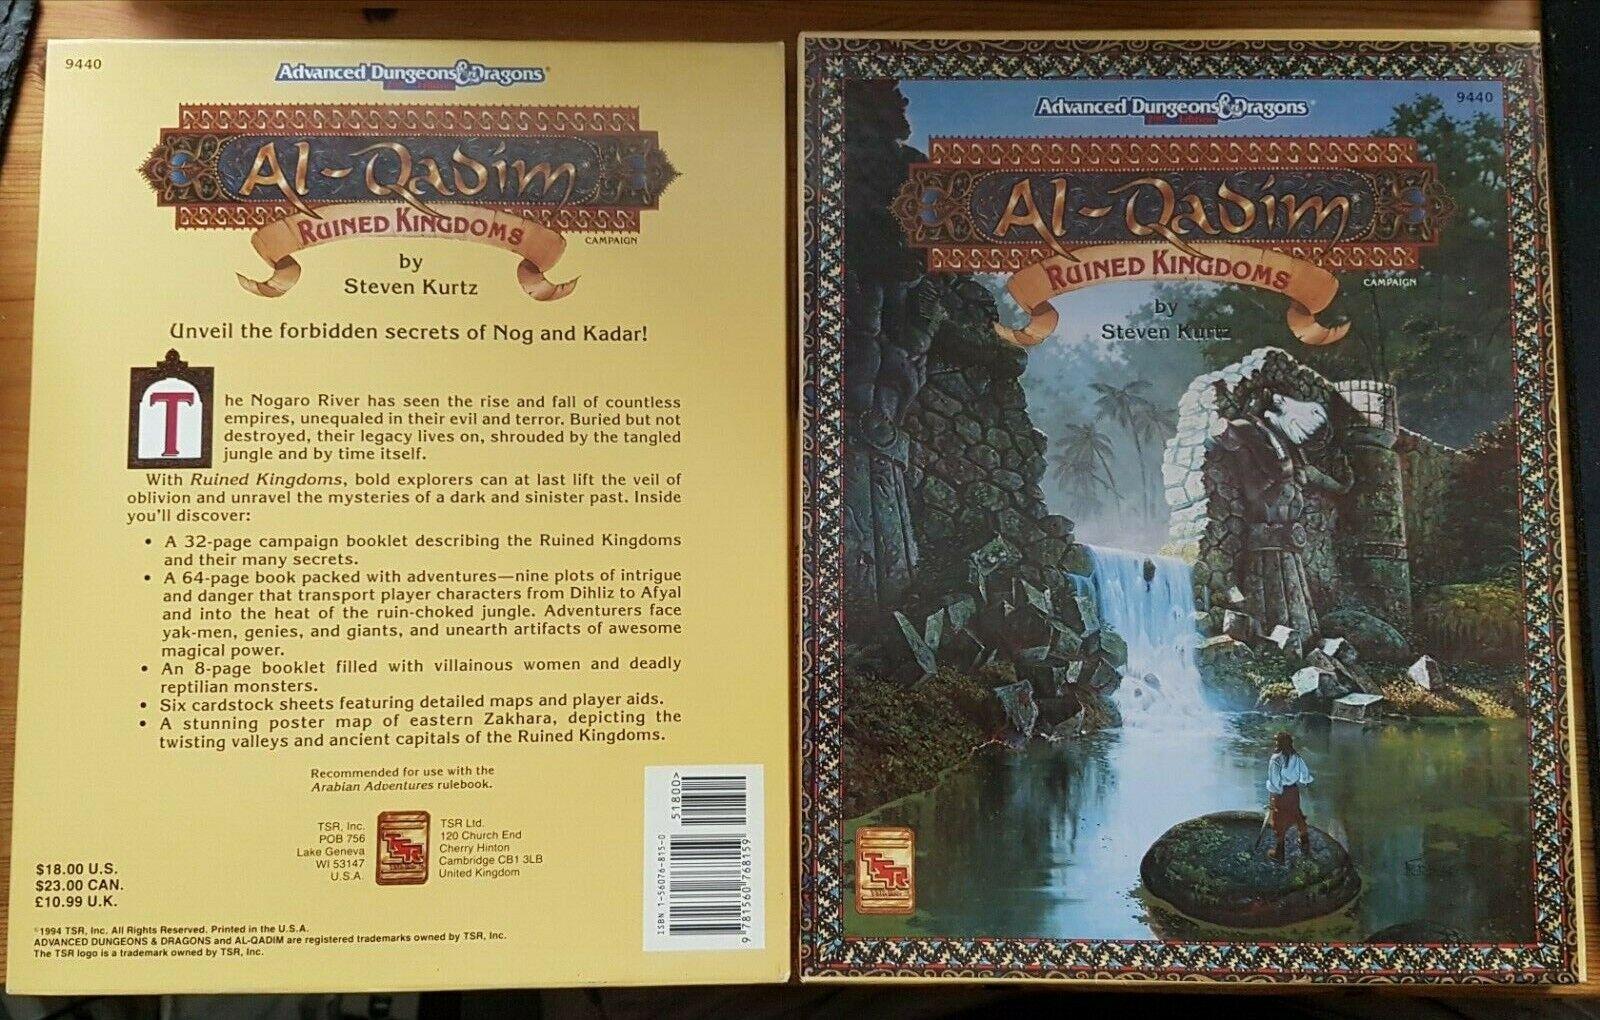 Precio al por mayor y calidad confiable. Arruinado reinos AD&D Al-Qadim 2E 2nd edición edición edición al Qadim campaña TSR 9440 1994  Felices compras